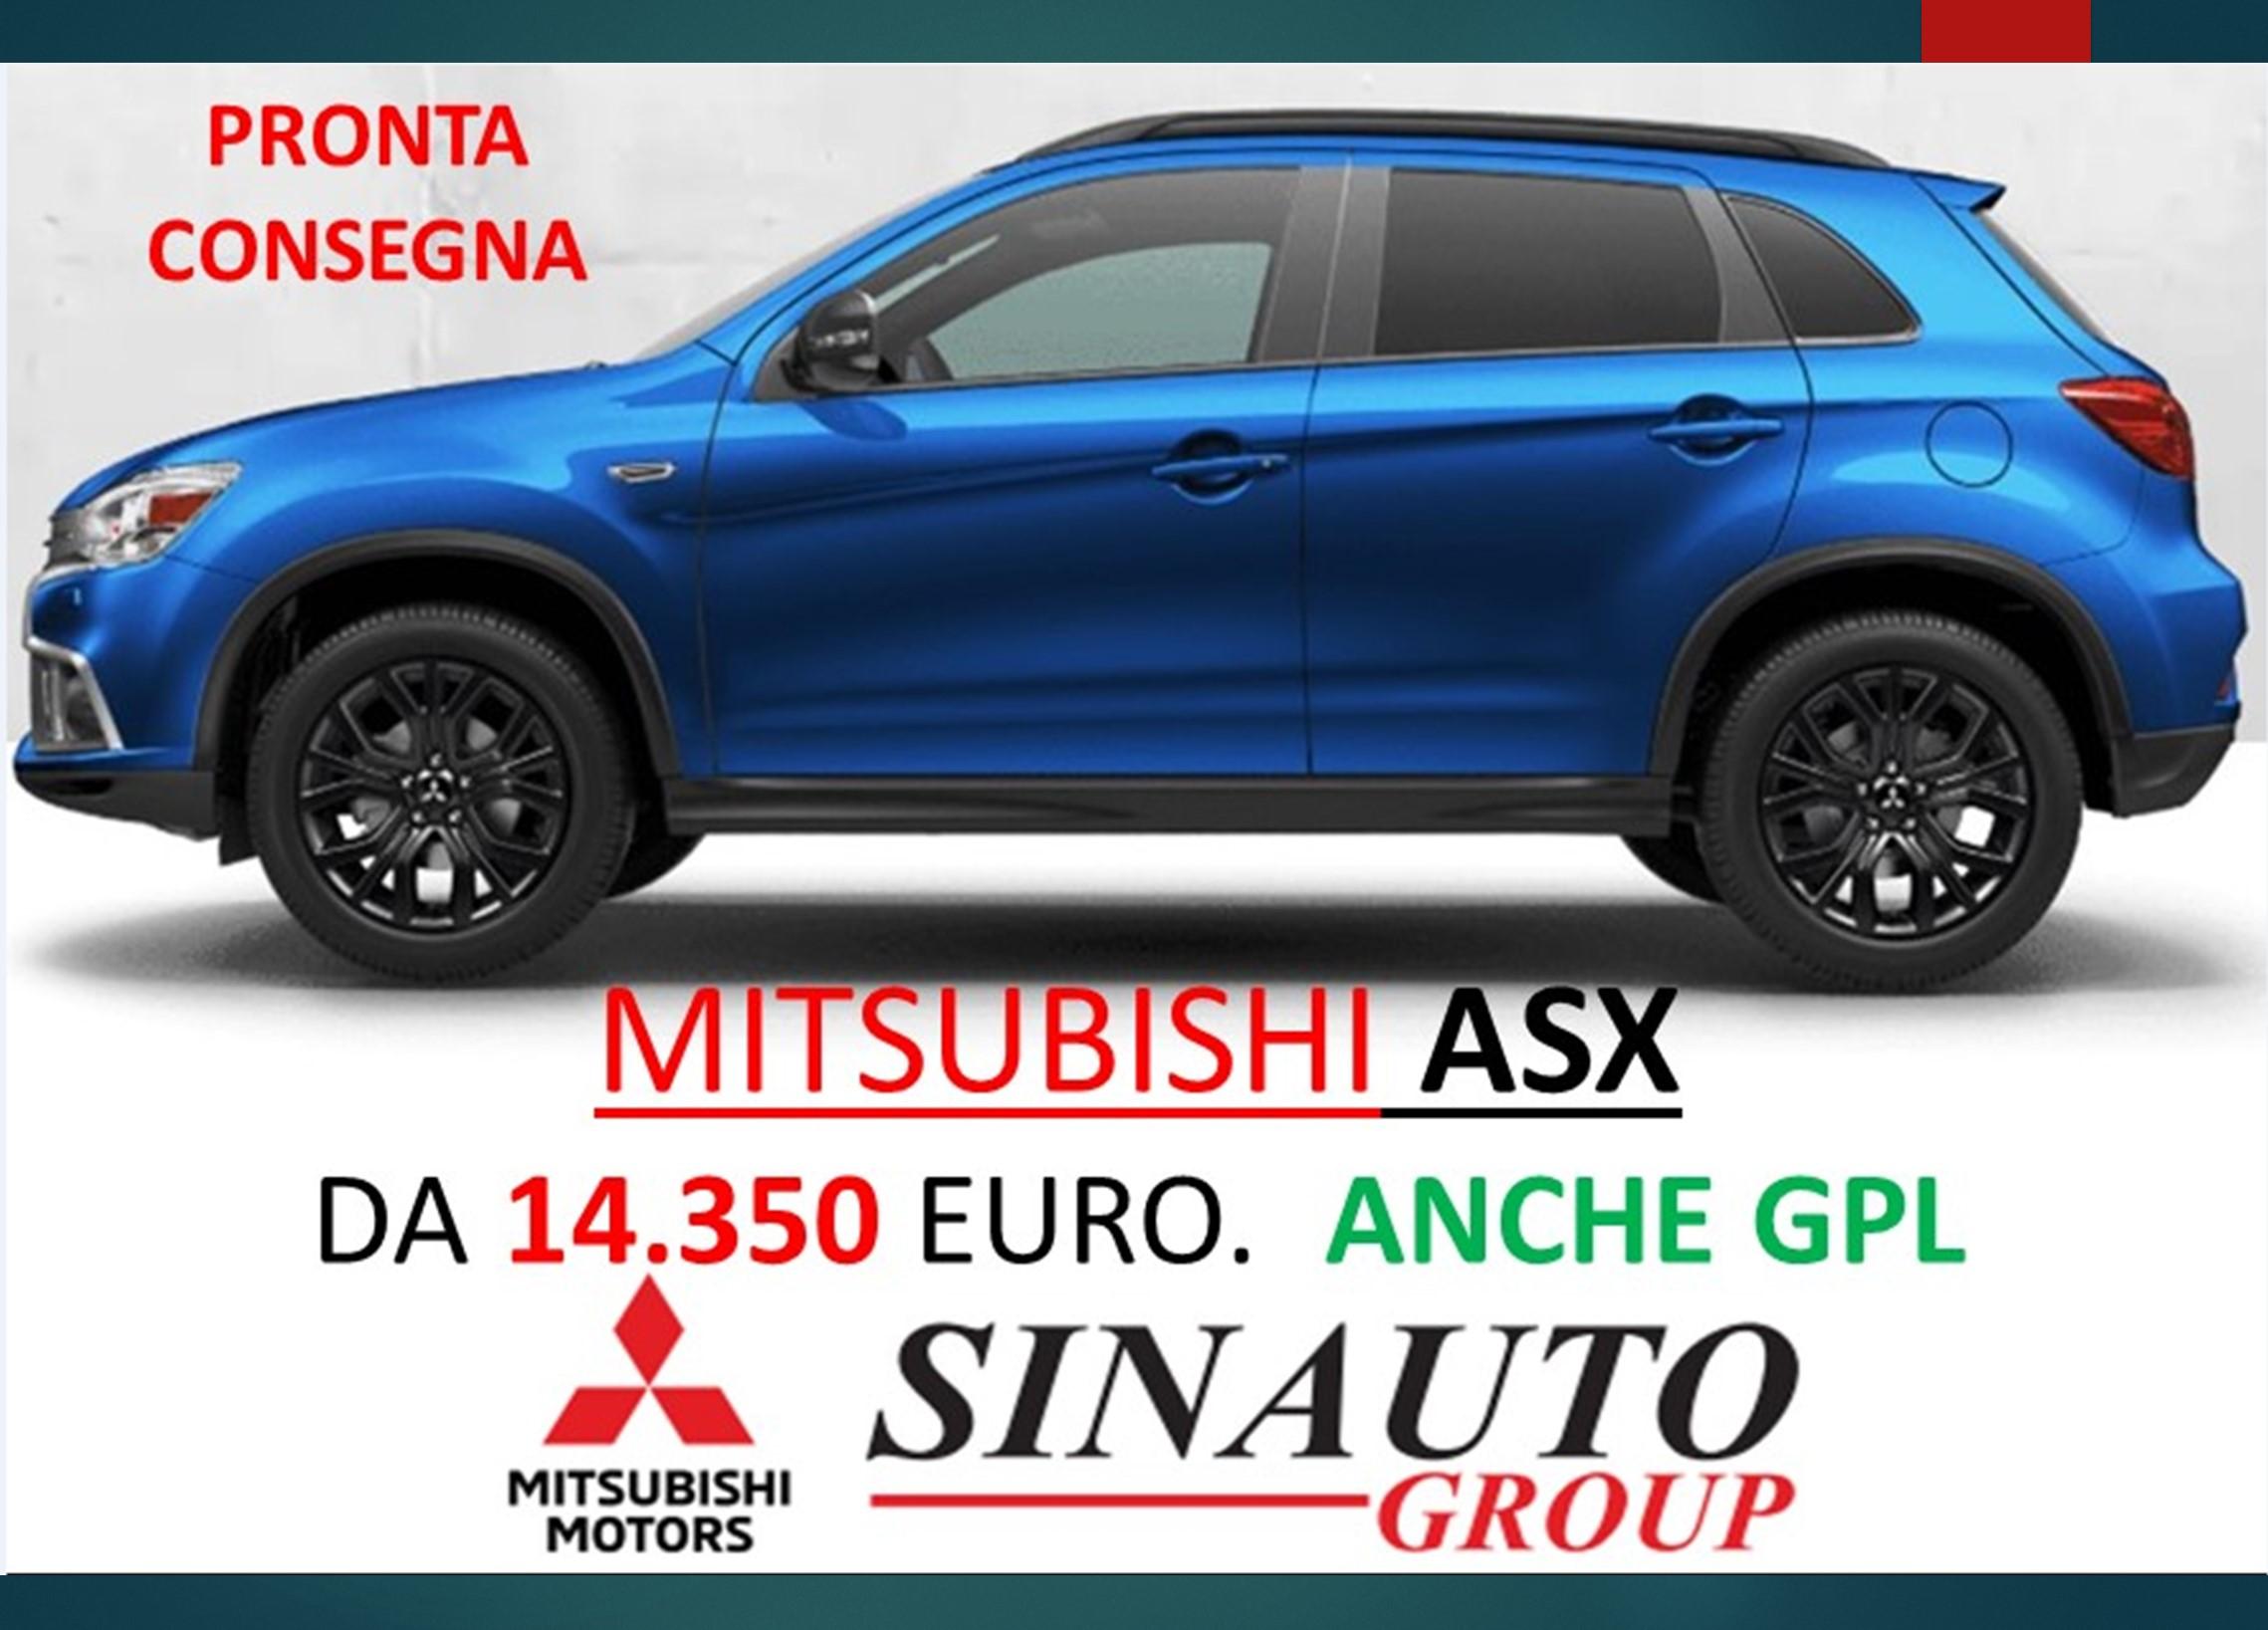 NUOVA ASX  DA 14.350